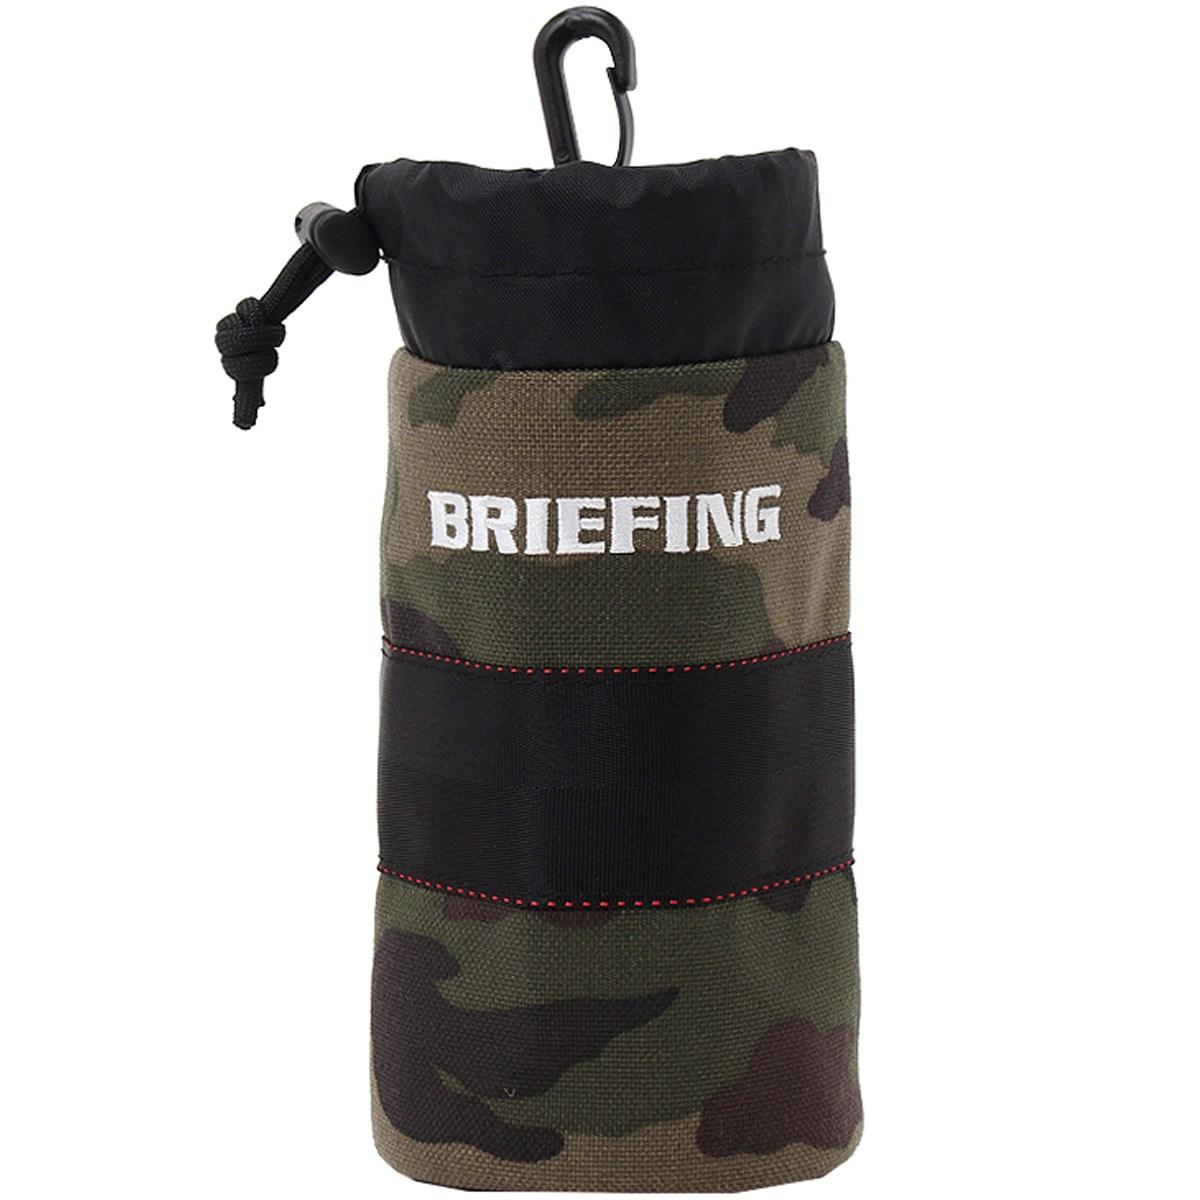 ブリーフィング ボトルホルダー